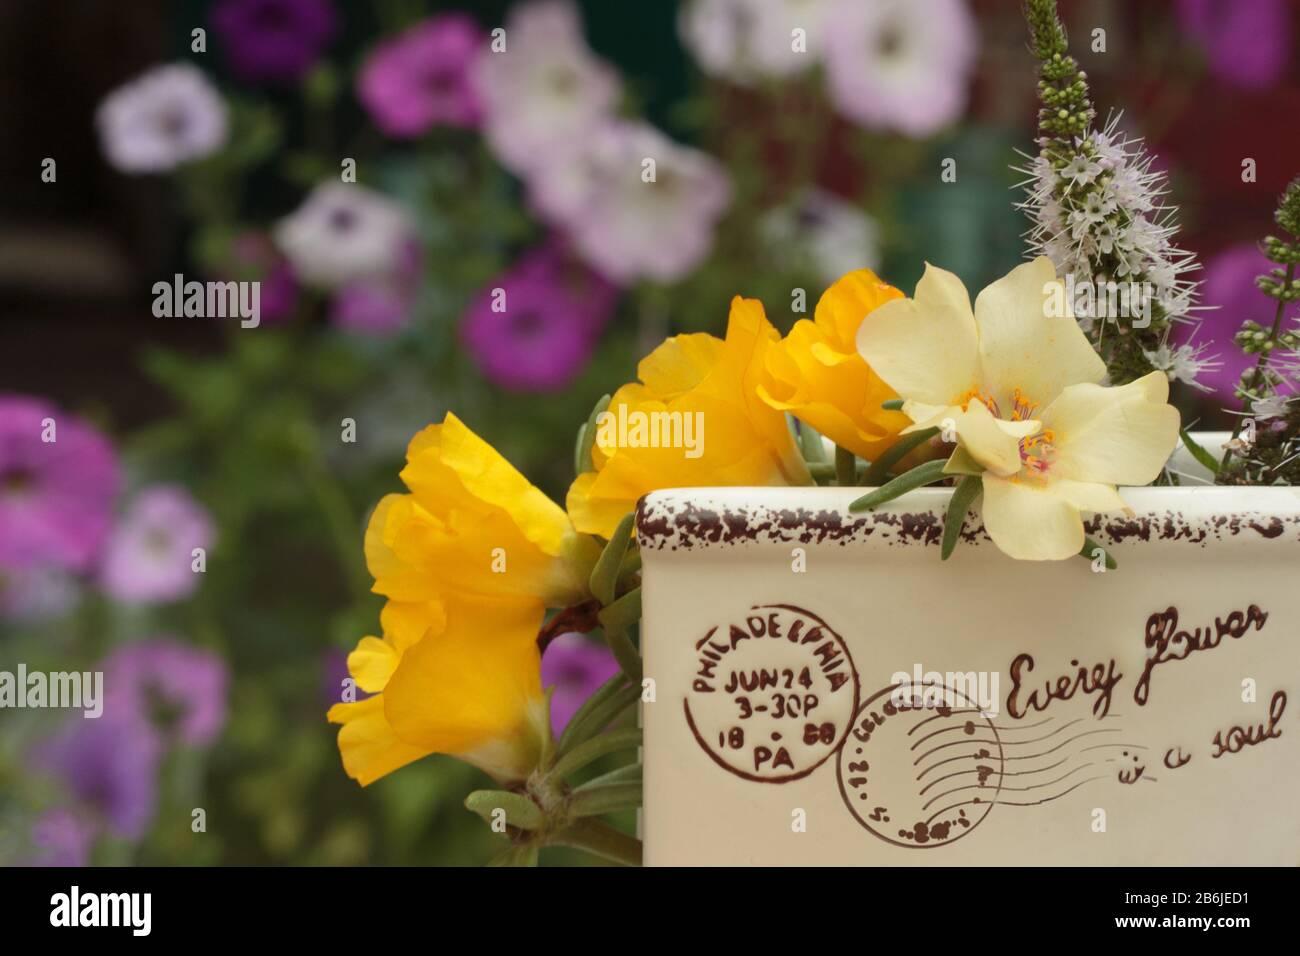 Fiori Bianchi E Gialli Nome 11 Lettere.Fiori Su Francobolli Immagini Fiori Su Francobolli Fotos Stock